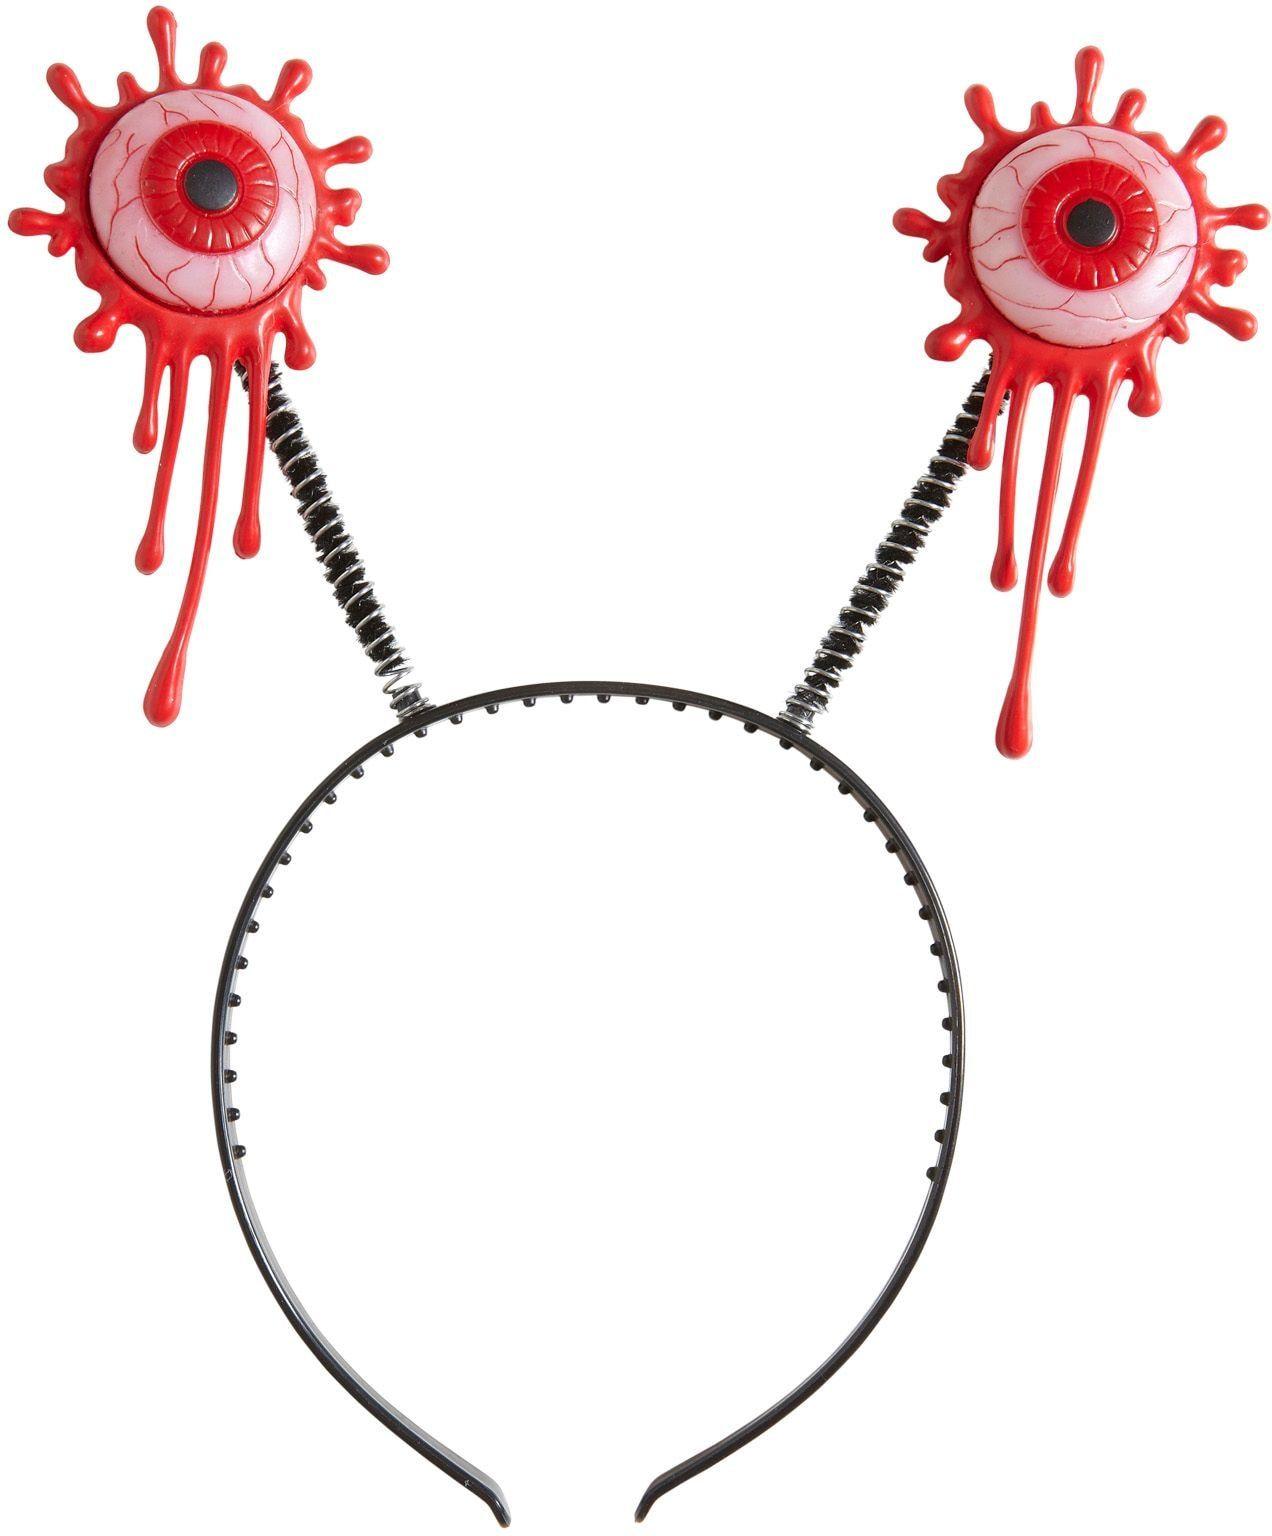 Bloedende ogen hoofdband